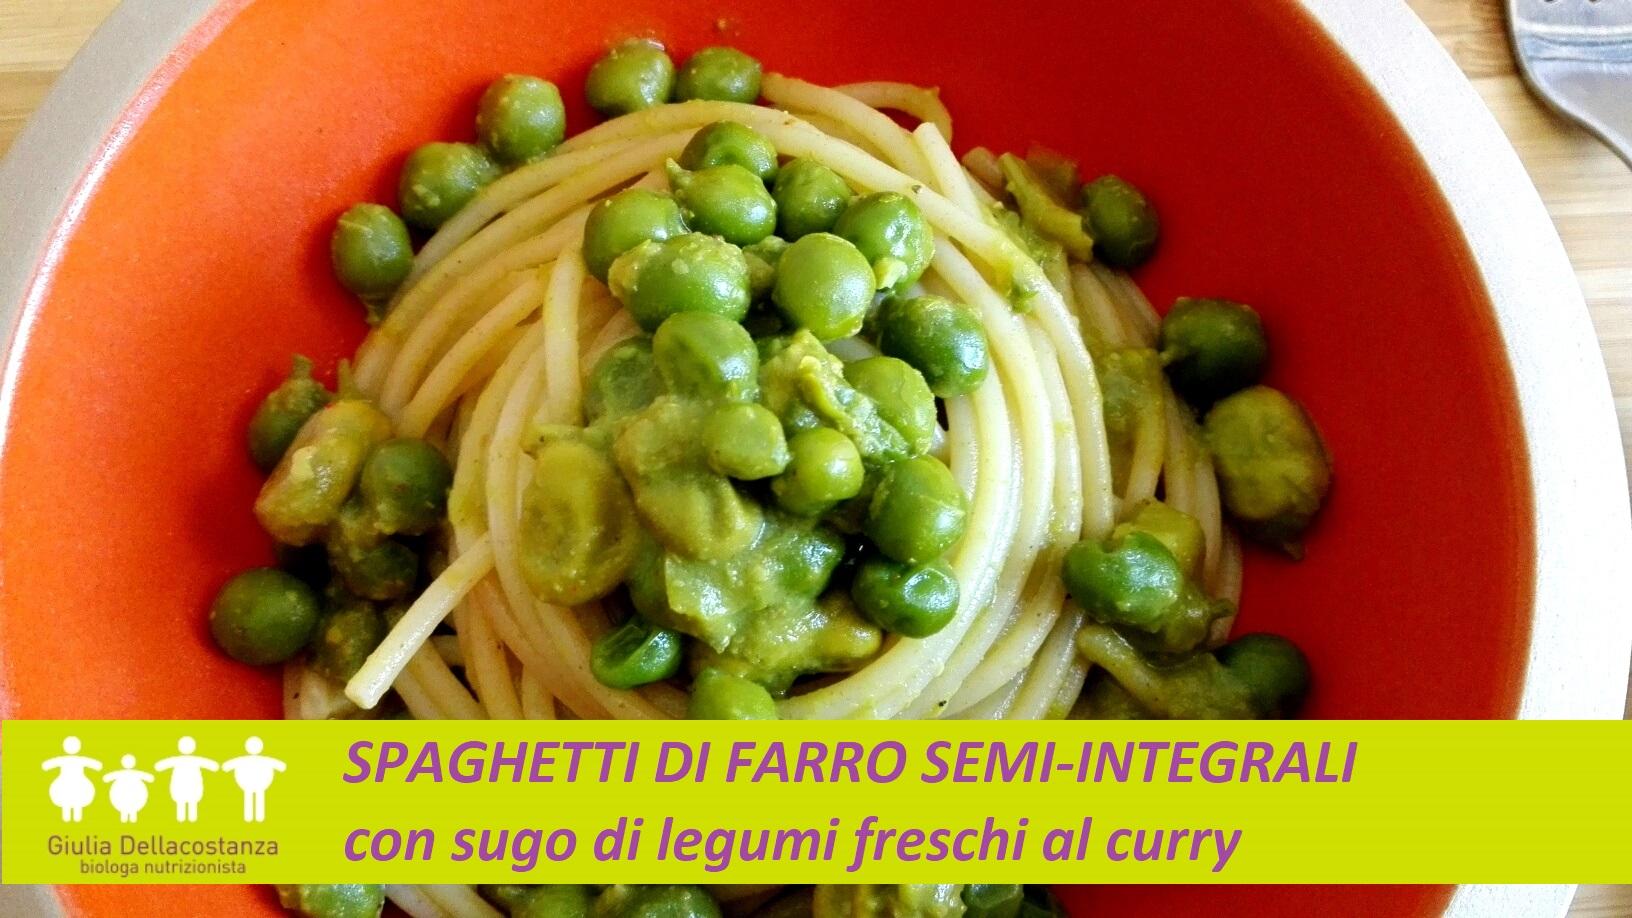 Piatto di pasta: spaghetti di farro conditi con sugo di legumi freschi al curry.